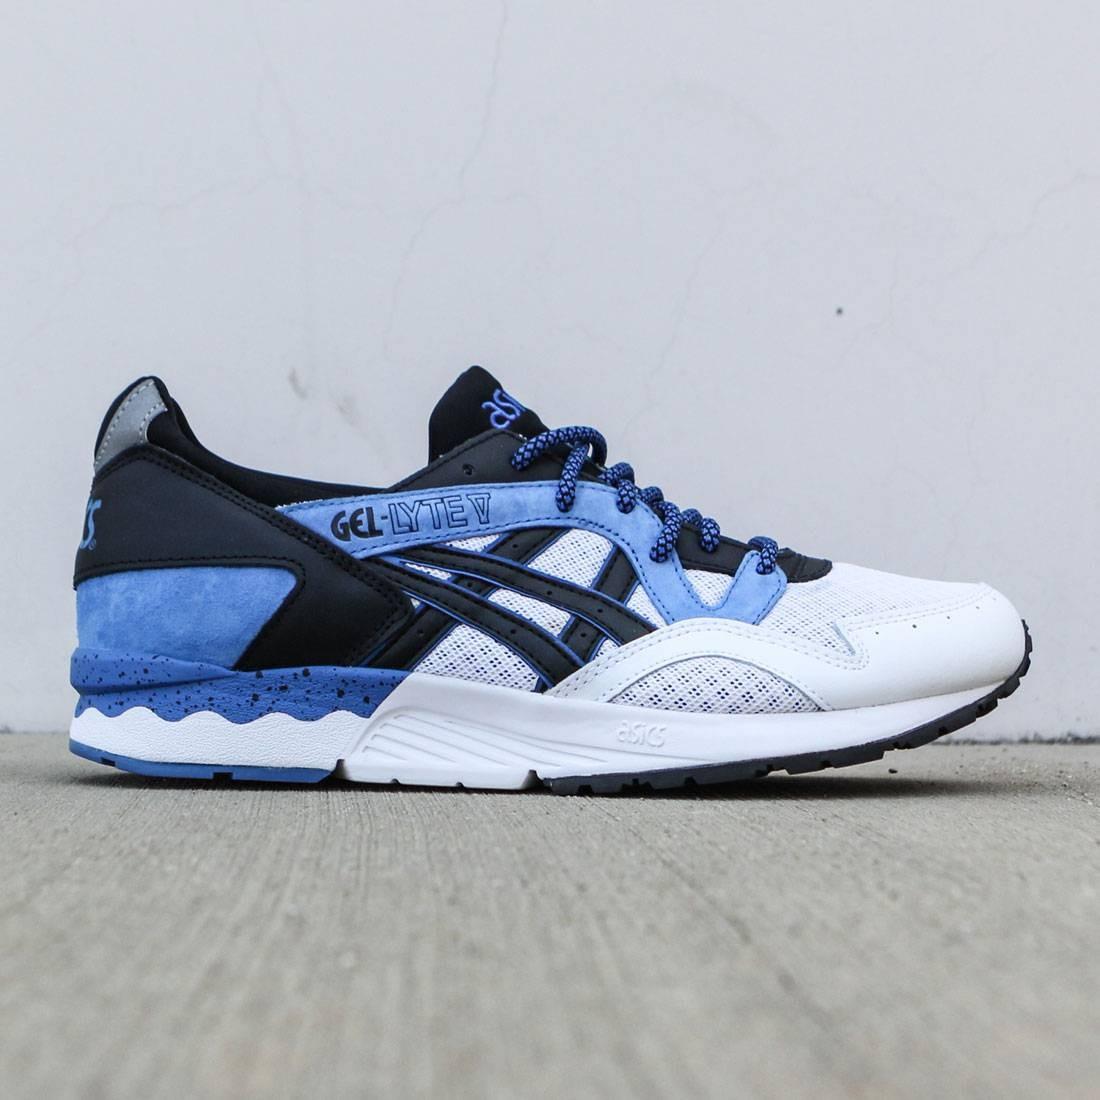 【海外限定】アシックス クラシック 青 ブルー メンズ靴 靴 【 ASICS BLUE TIGER MEN GELLYTE V CLASSIC BLACK 】